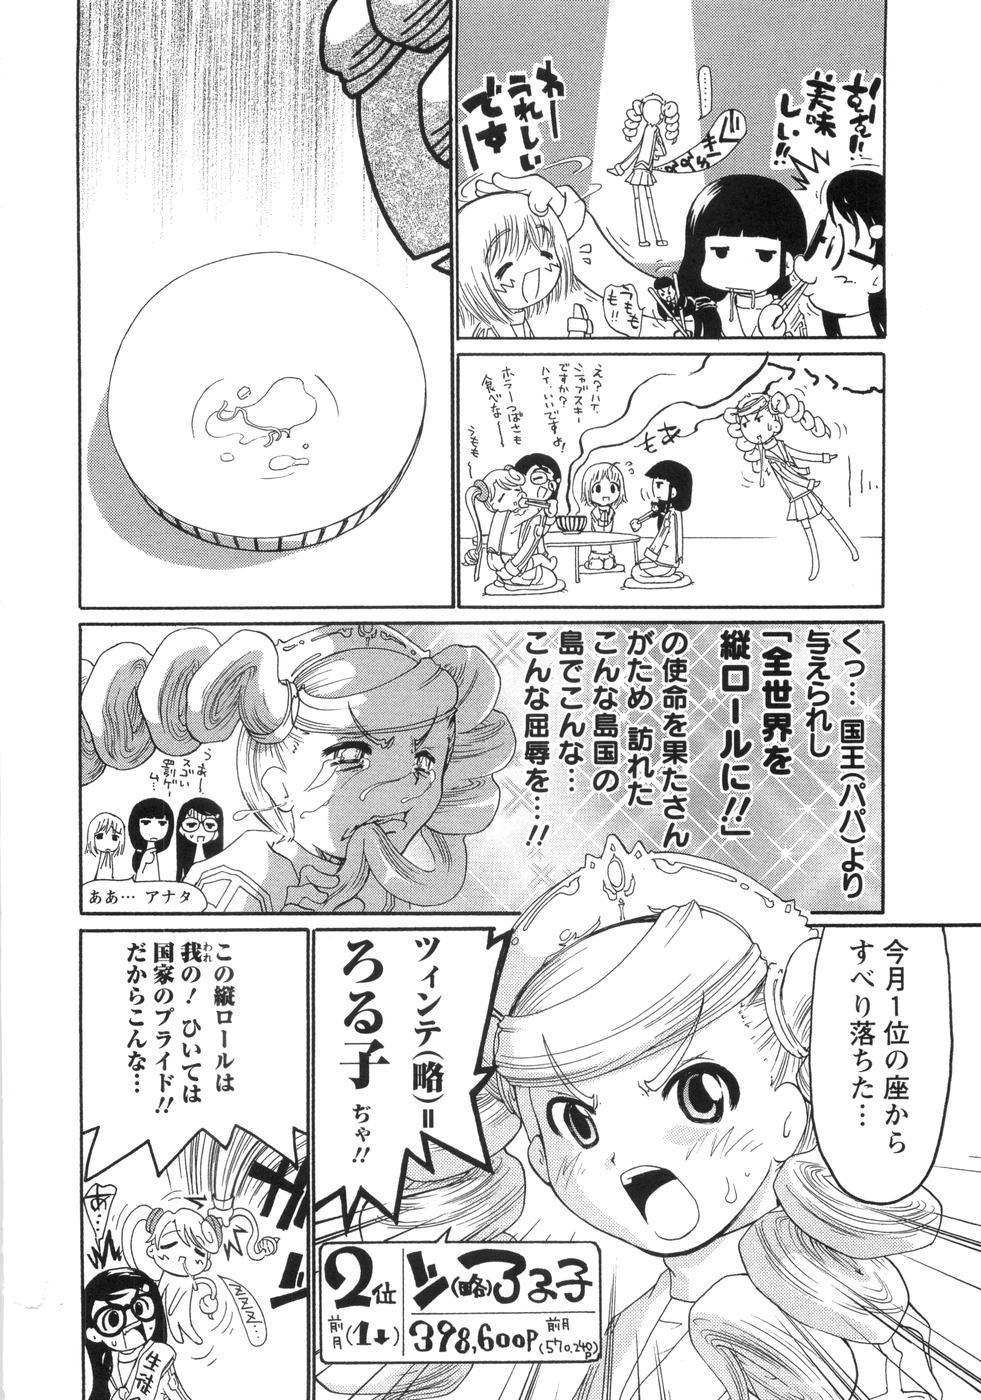 0 PULL TOWN Gakuen e Youkoso! 82